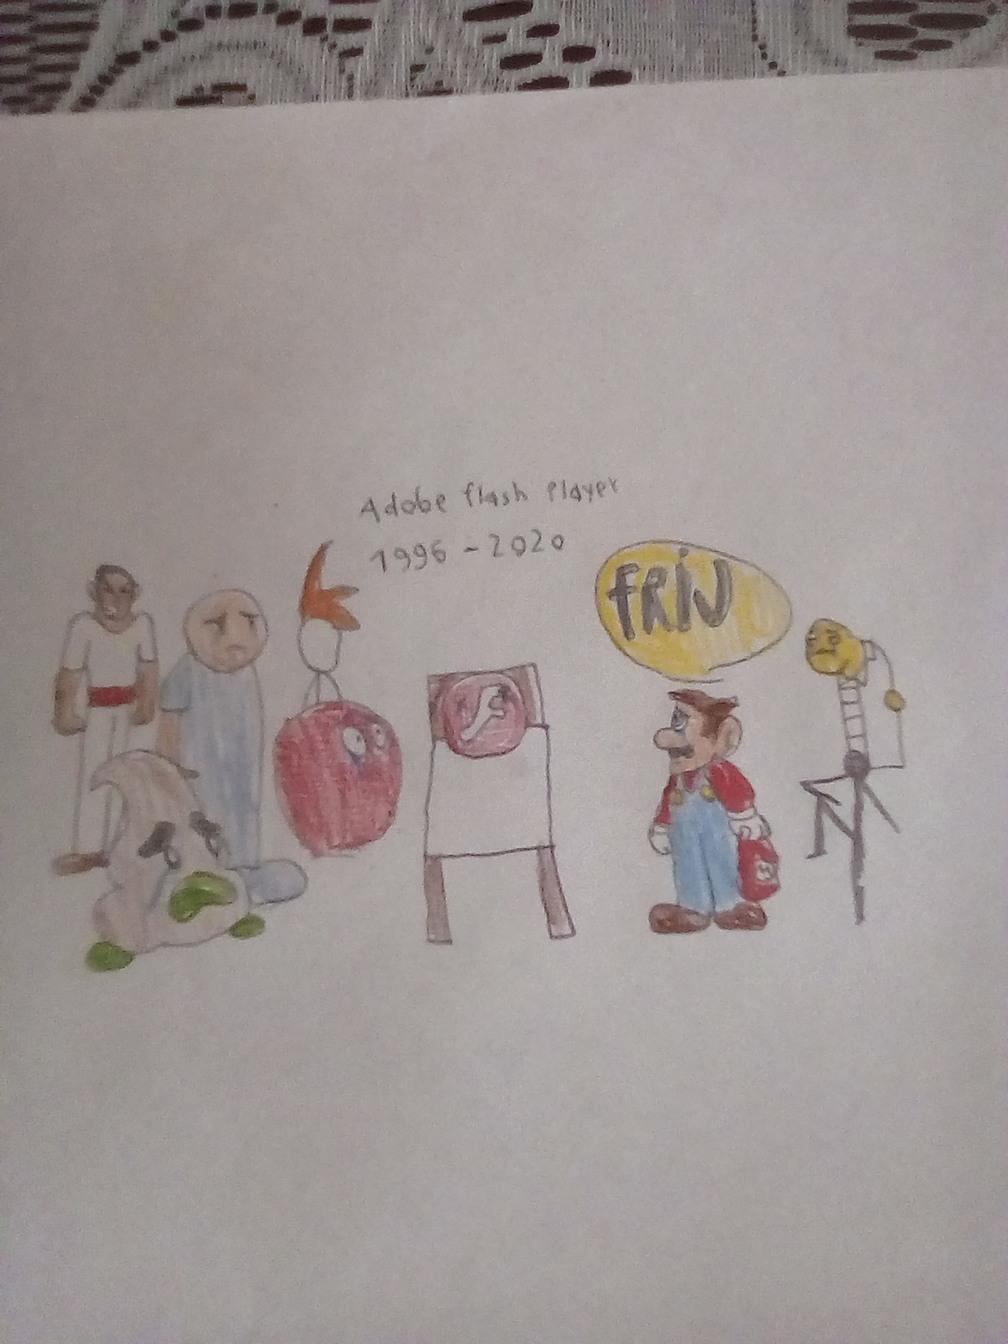 Señores y señoras este 31 de diciembre muere adobe flash playera así que le hice este tributo con este dibujo - meme